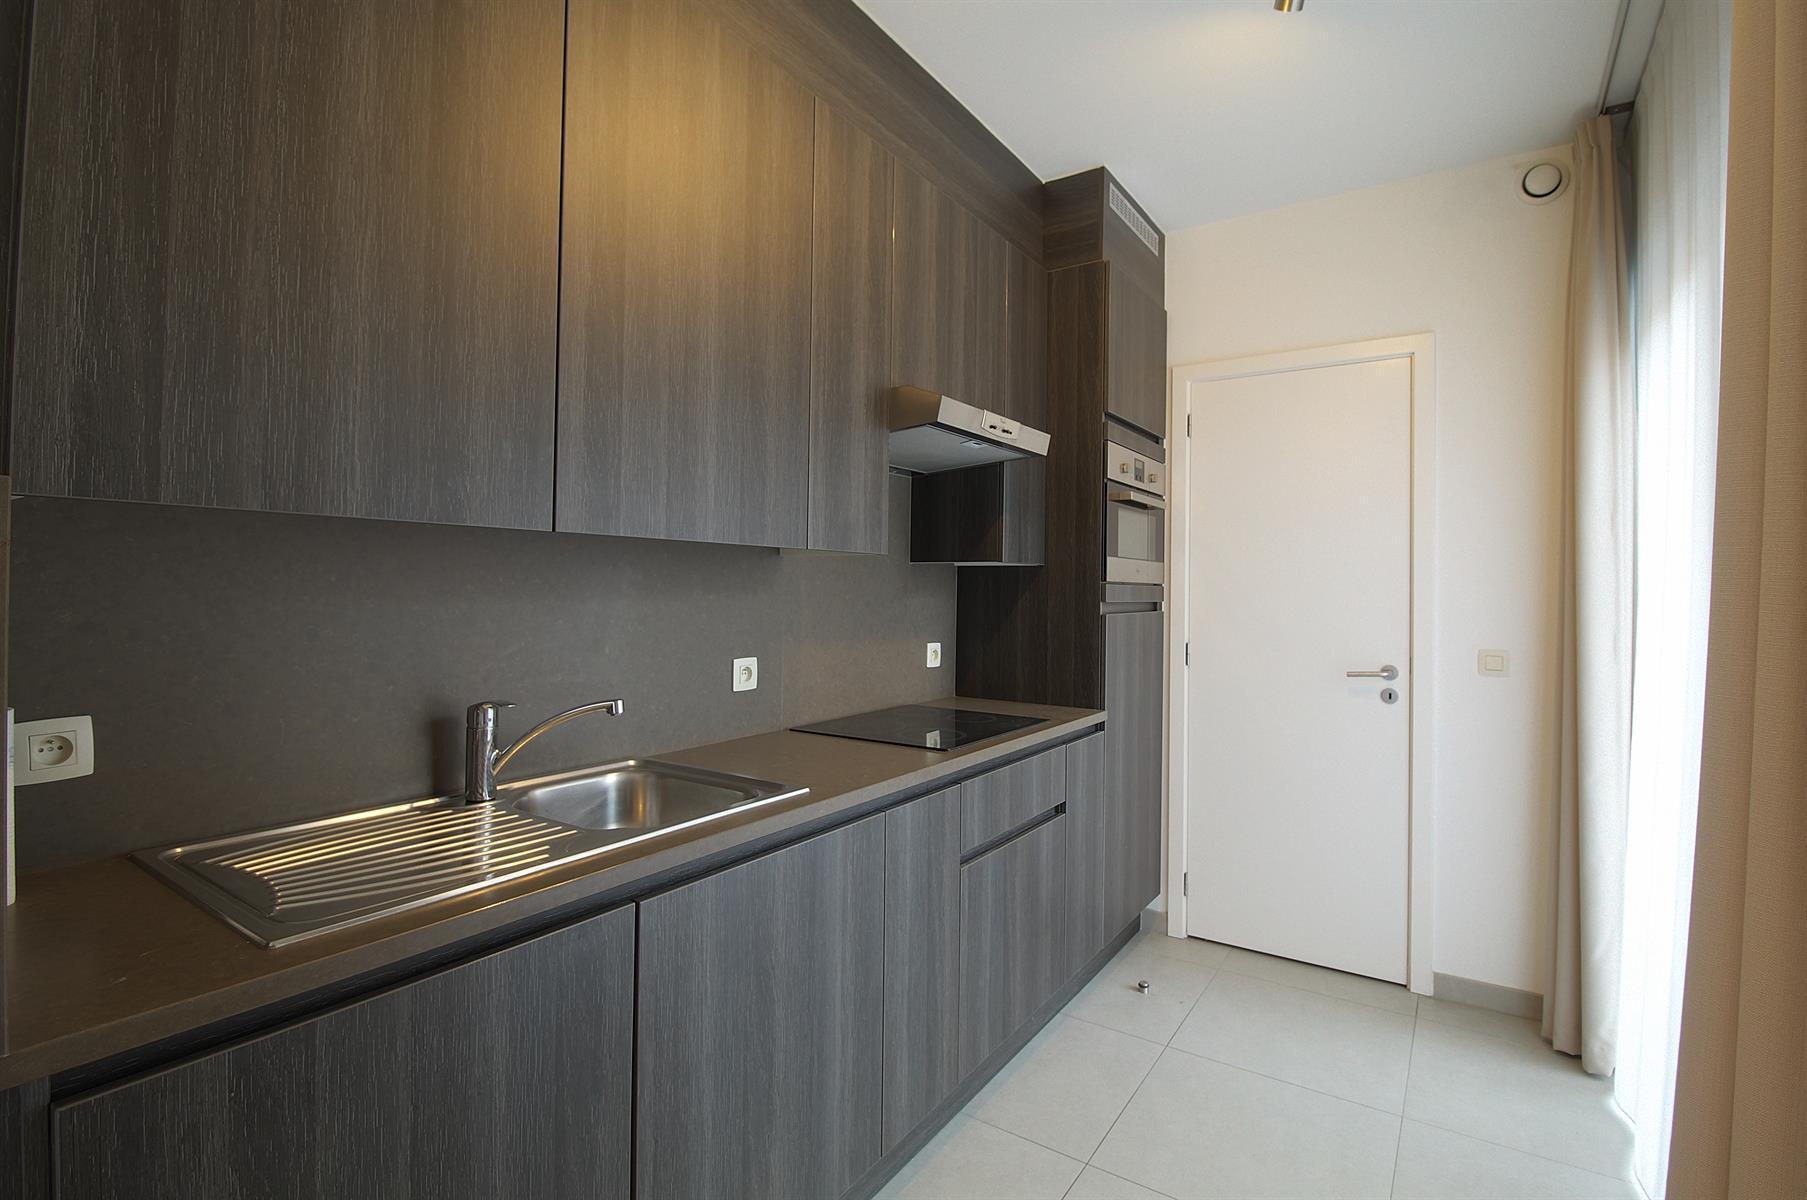 Appartement - Bruxelles - #4210046-2